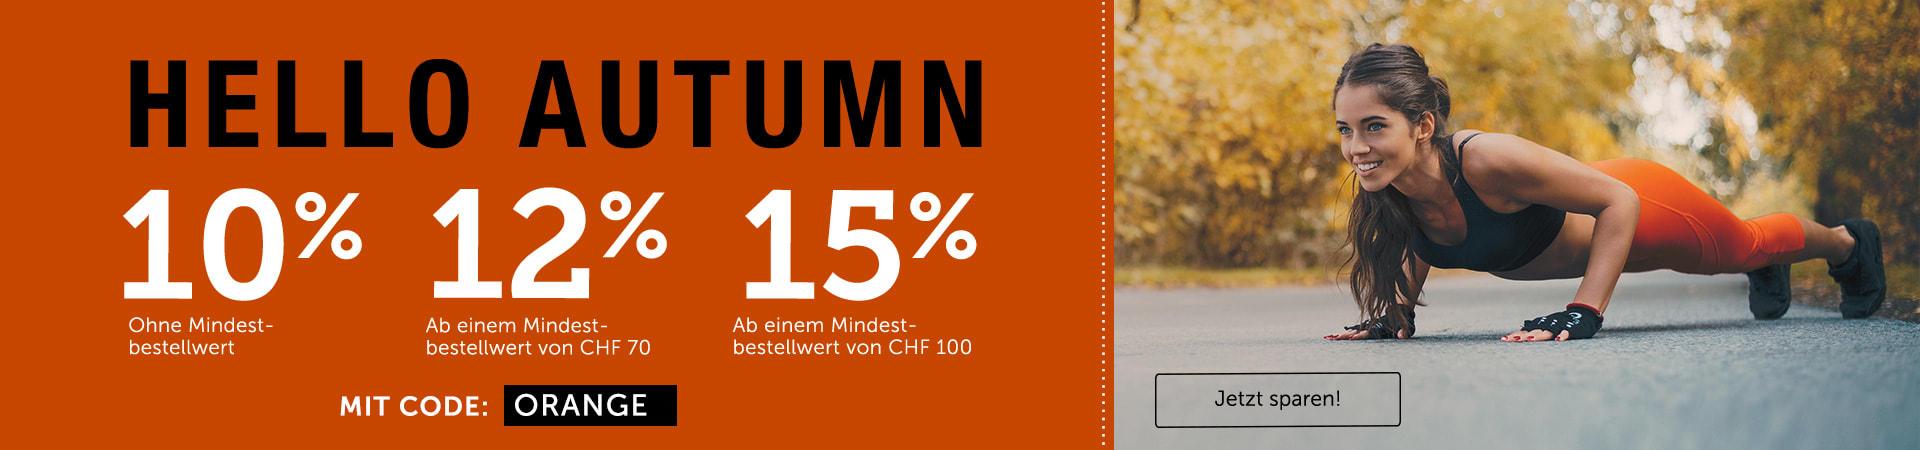 Komm mit uns in Herbststimmung und sicheKomm mit uns in Herbststimmung und sichere dir bis zu 15% Rabatt auf Alles!re dir bis zu 15% Rabatt auf Alles!